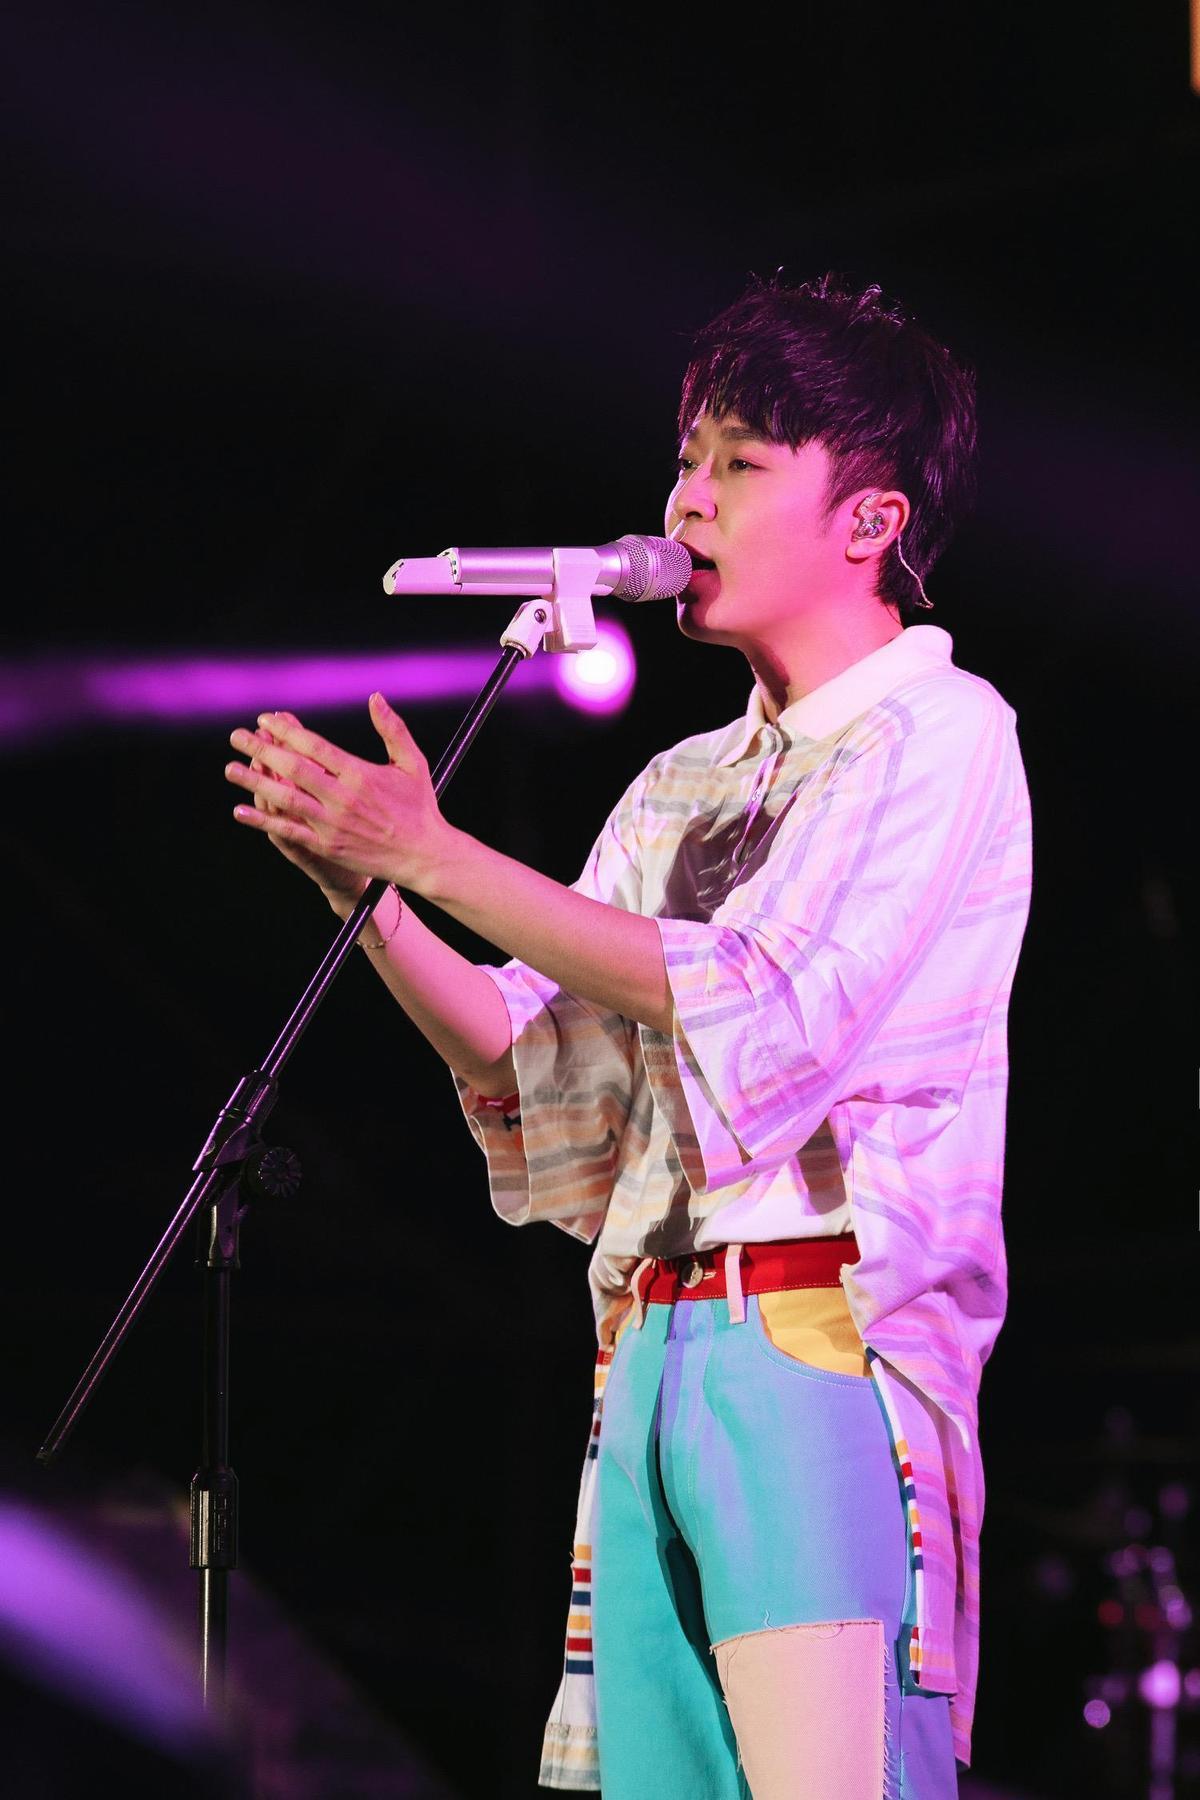 吳青峰在高雄啤酒音樂節一共演唱10多首歌曲,唱好唱滿。(環球音樂提供)